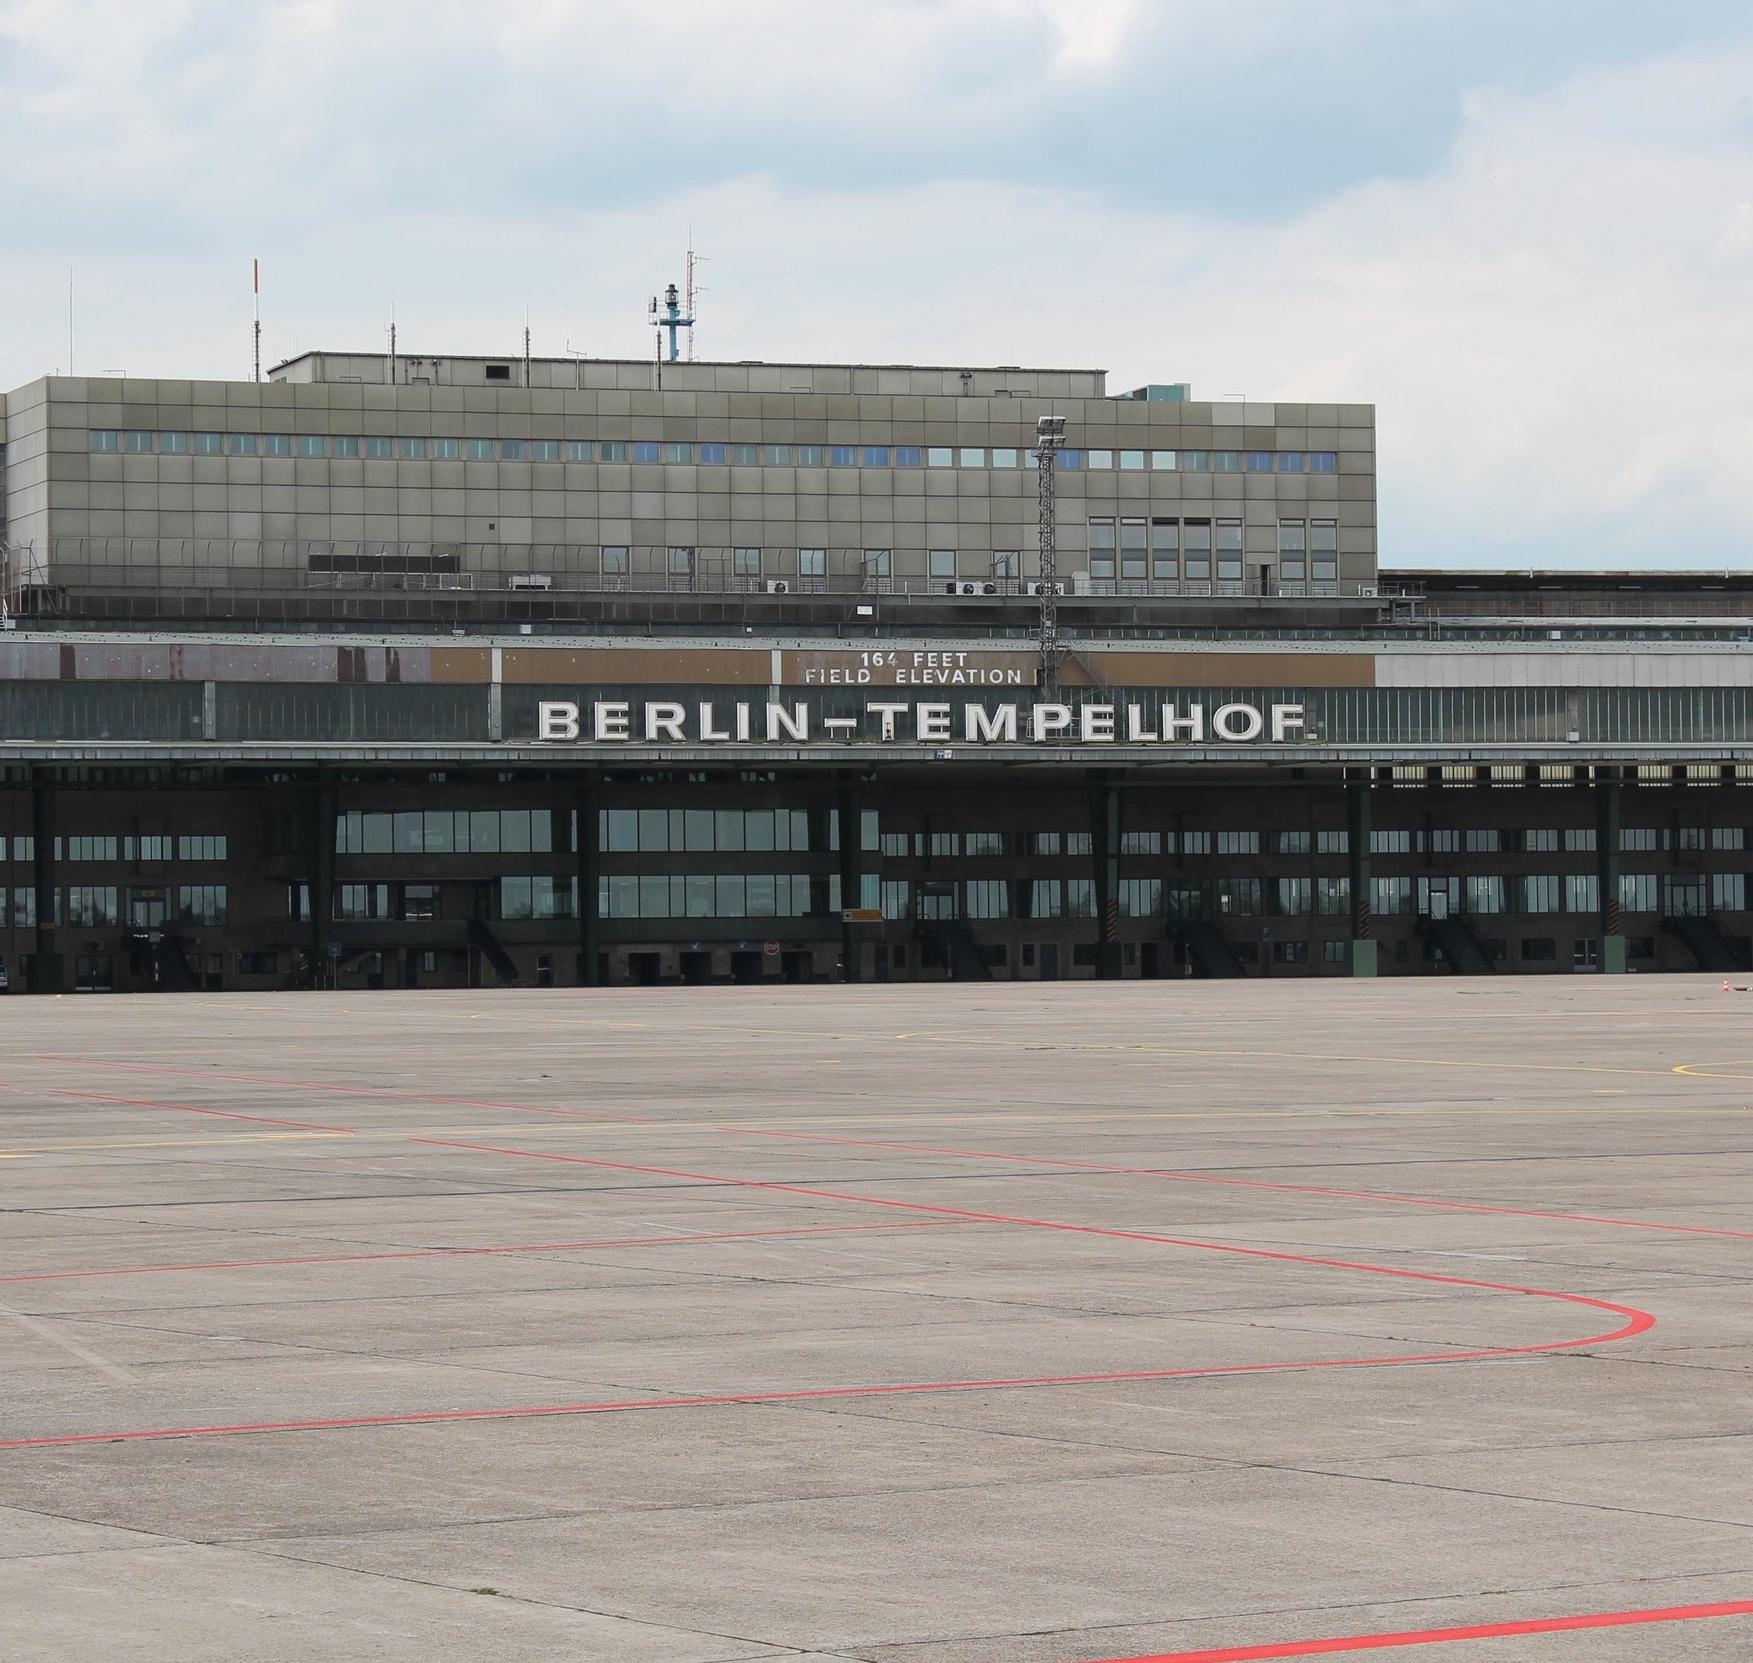 Ehem. Flughafen Tempelhof, Berlin /BREAD & butter GmbH, Berlin